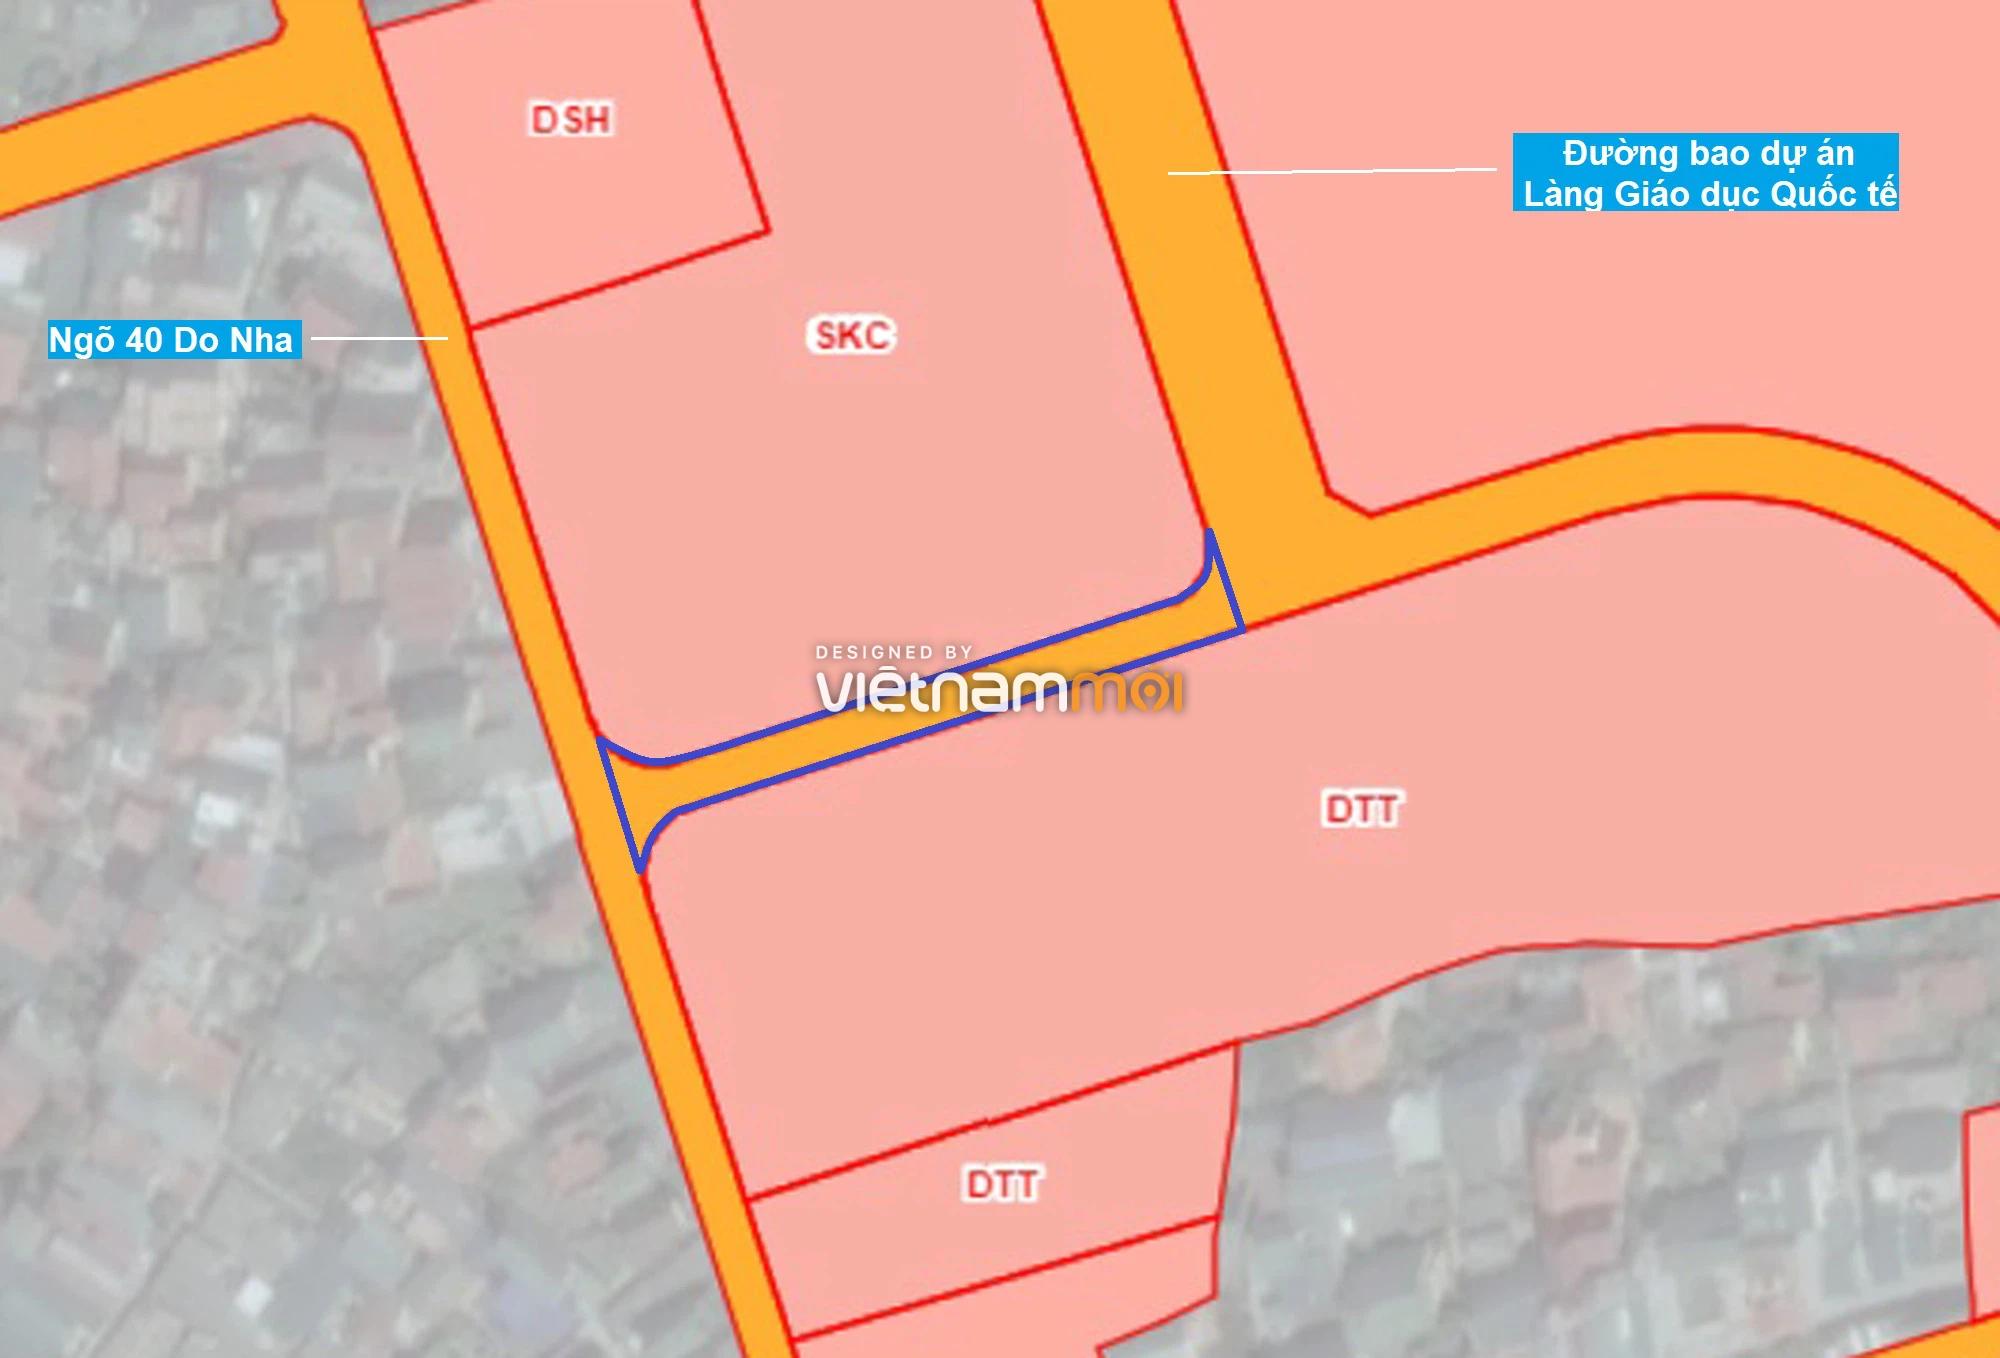 Những khu đất sắp thu hồi để mở đường ở phường Tây Mỗ, Nam Từ Liêm, Hà Nội (phần 5) - Ảnh 6.